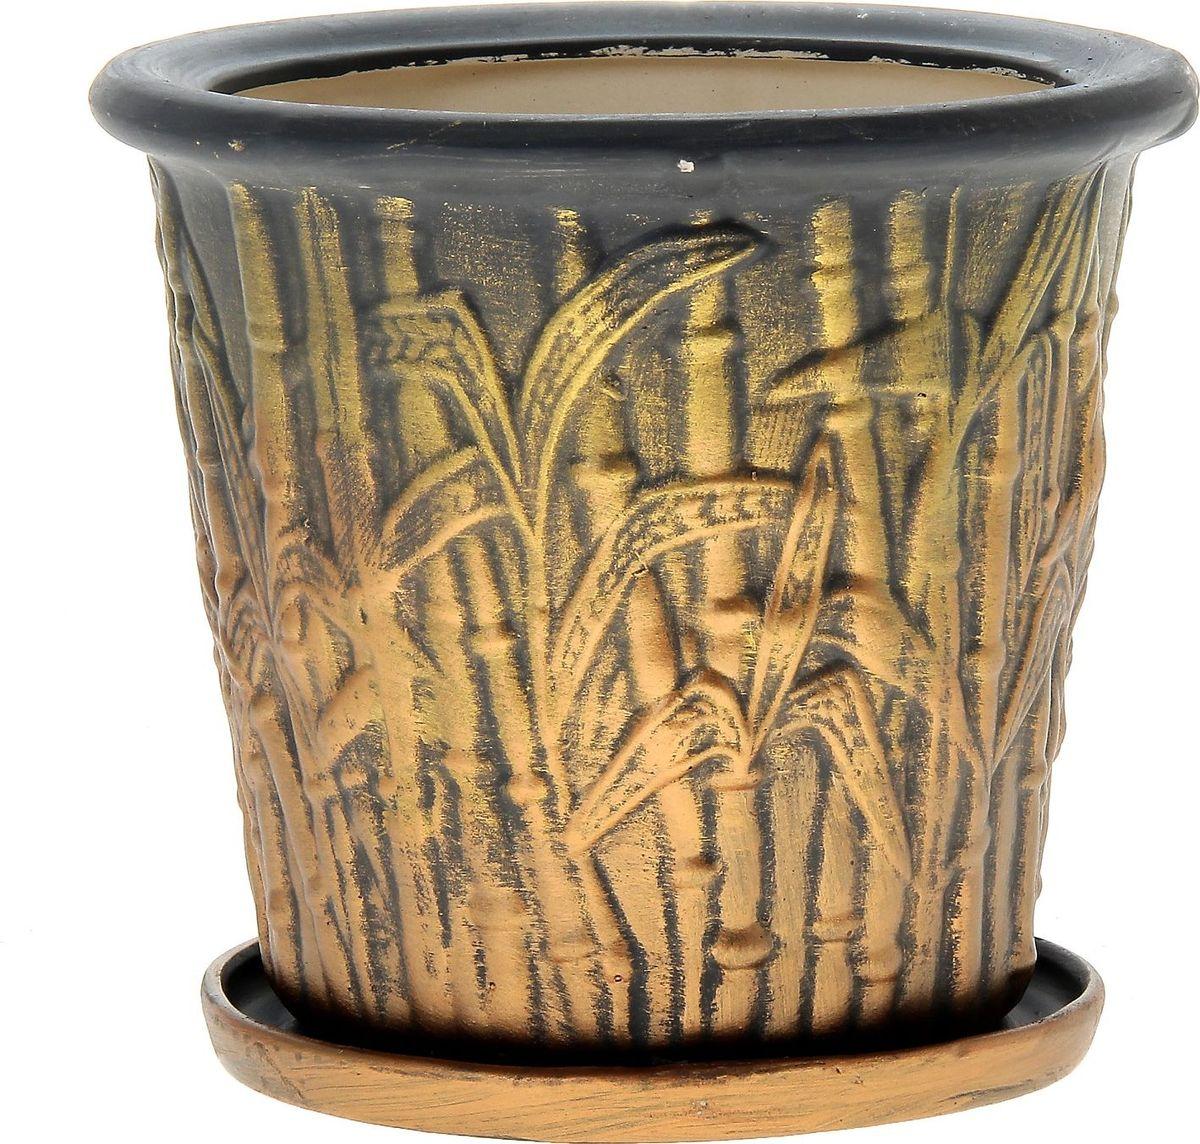 Кашпо Керамика ручной работы Камыш, цвет: черный, золотистый, 5 л144198Комнатные растения — всеобщие любимцы. Они радуют глаз, насыщают помещение кислородом и украшают пространство. Каждому из них необходим свой удобный и красивый дом. Кашпо из керамики прекрасно подходят для высадки растений: за счёт пластичности глины и разных способов обработки существует великое множество форм и дизайновпористый материал позволяет испаряться лишней влагевоздух, необходимый для дыхания корней, проникает сквозь керамические стенки! #name# позаботится о зелёном питомце, освежит интерьер и подчеркнёт его стиль.